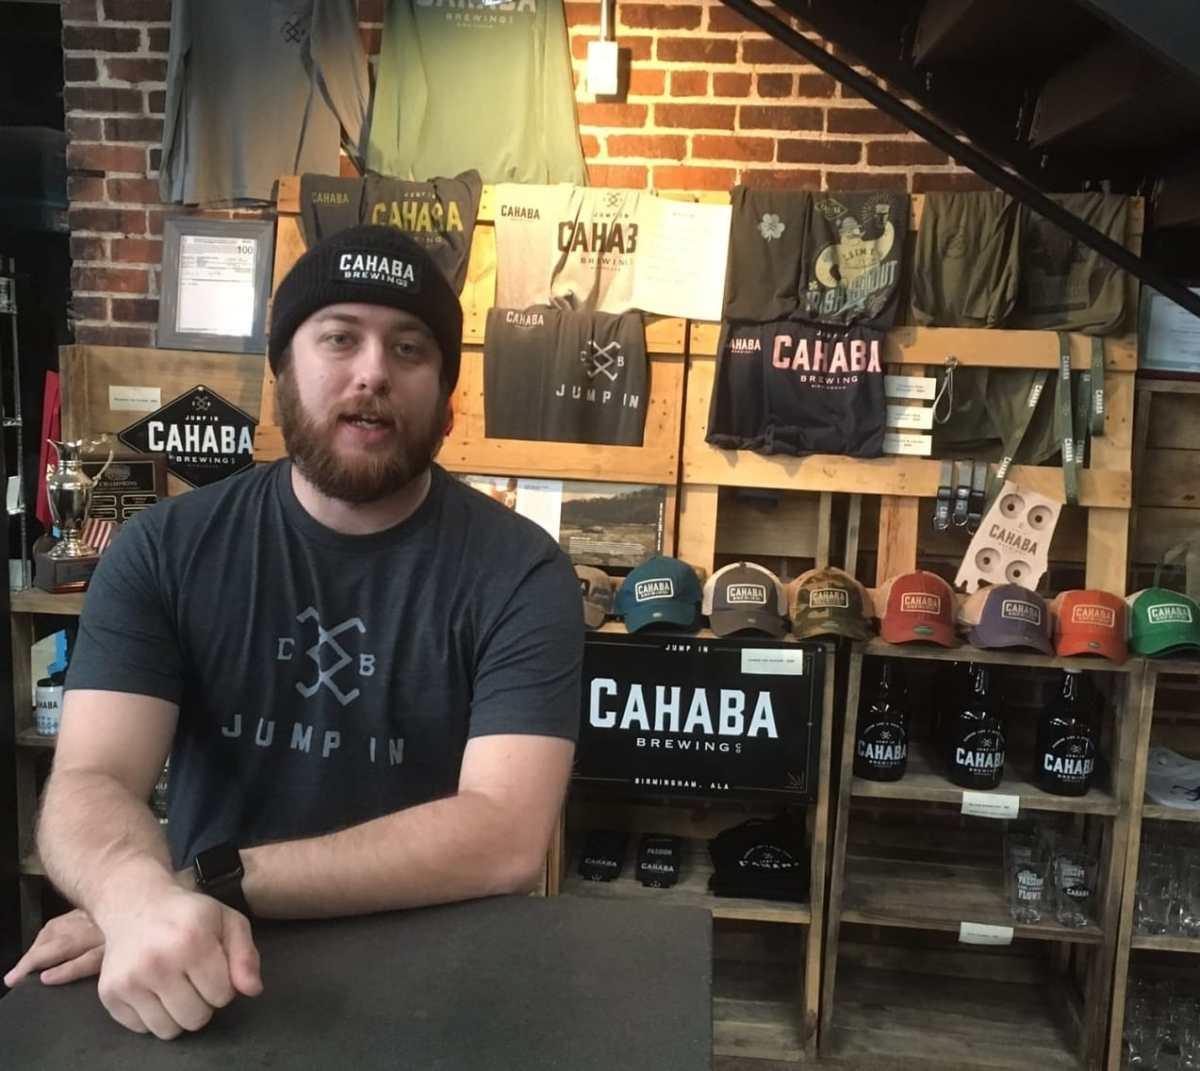 Cahaba